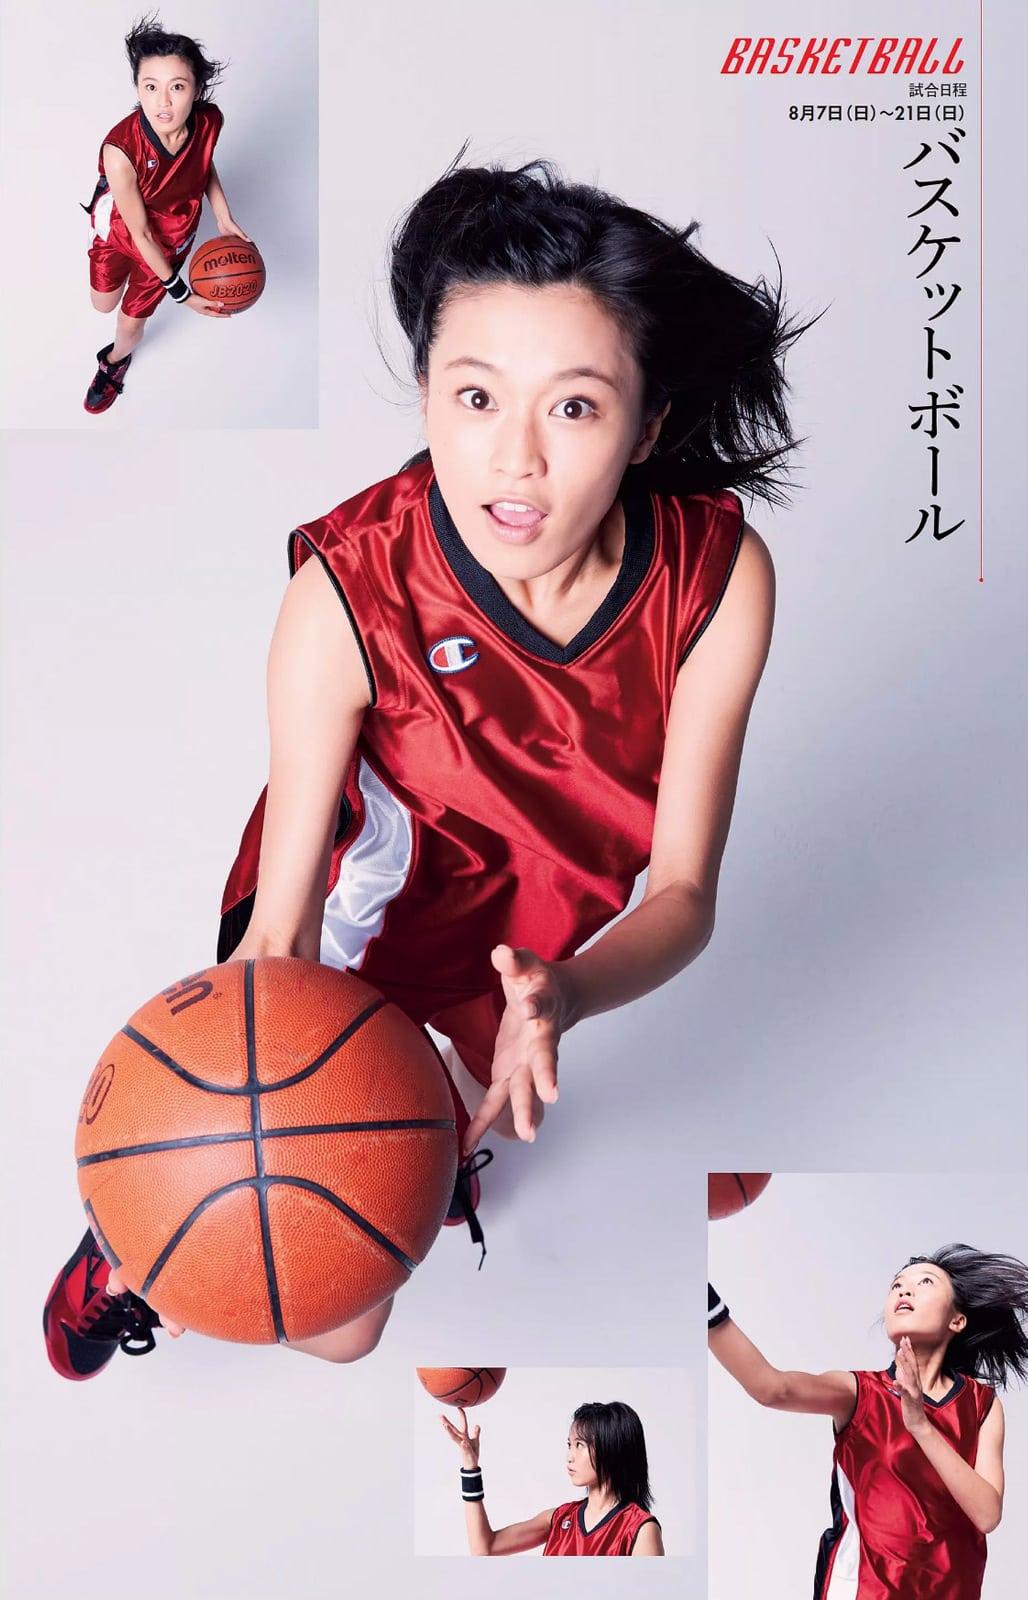 「週刊プレイボーイ 2016 No.33」小島瑠璃子のバスケットボールユニフォームグラビア